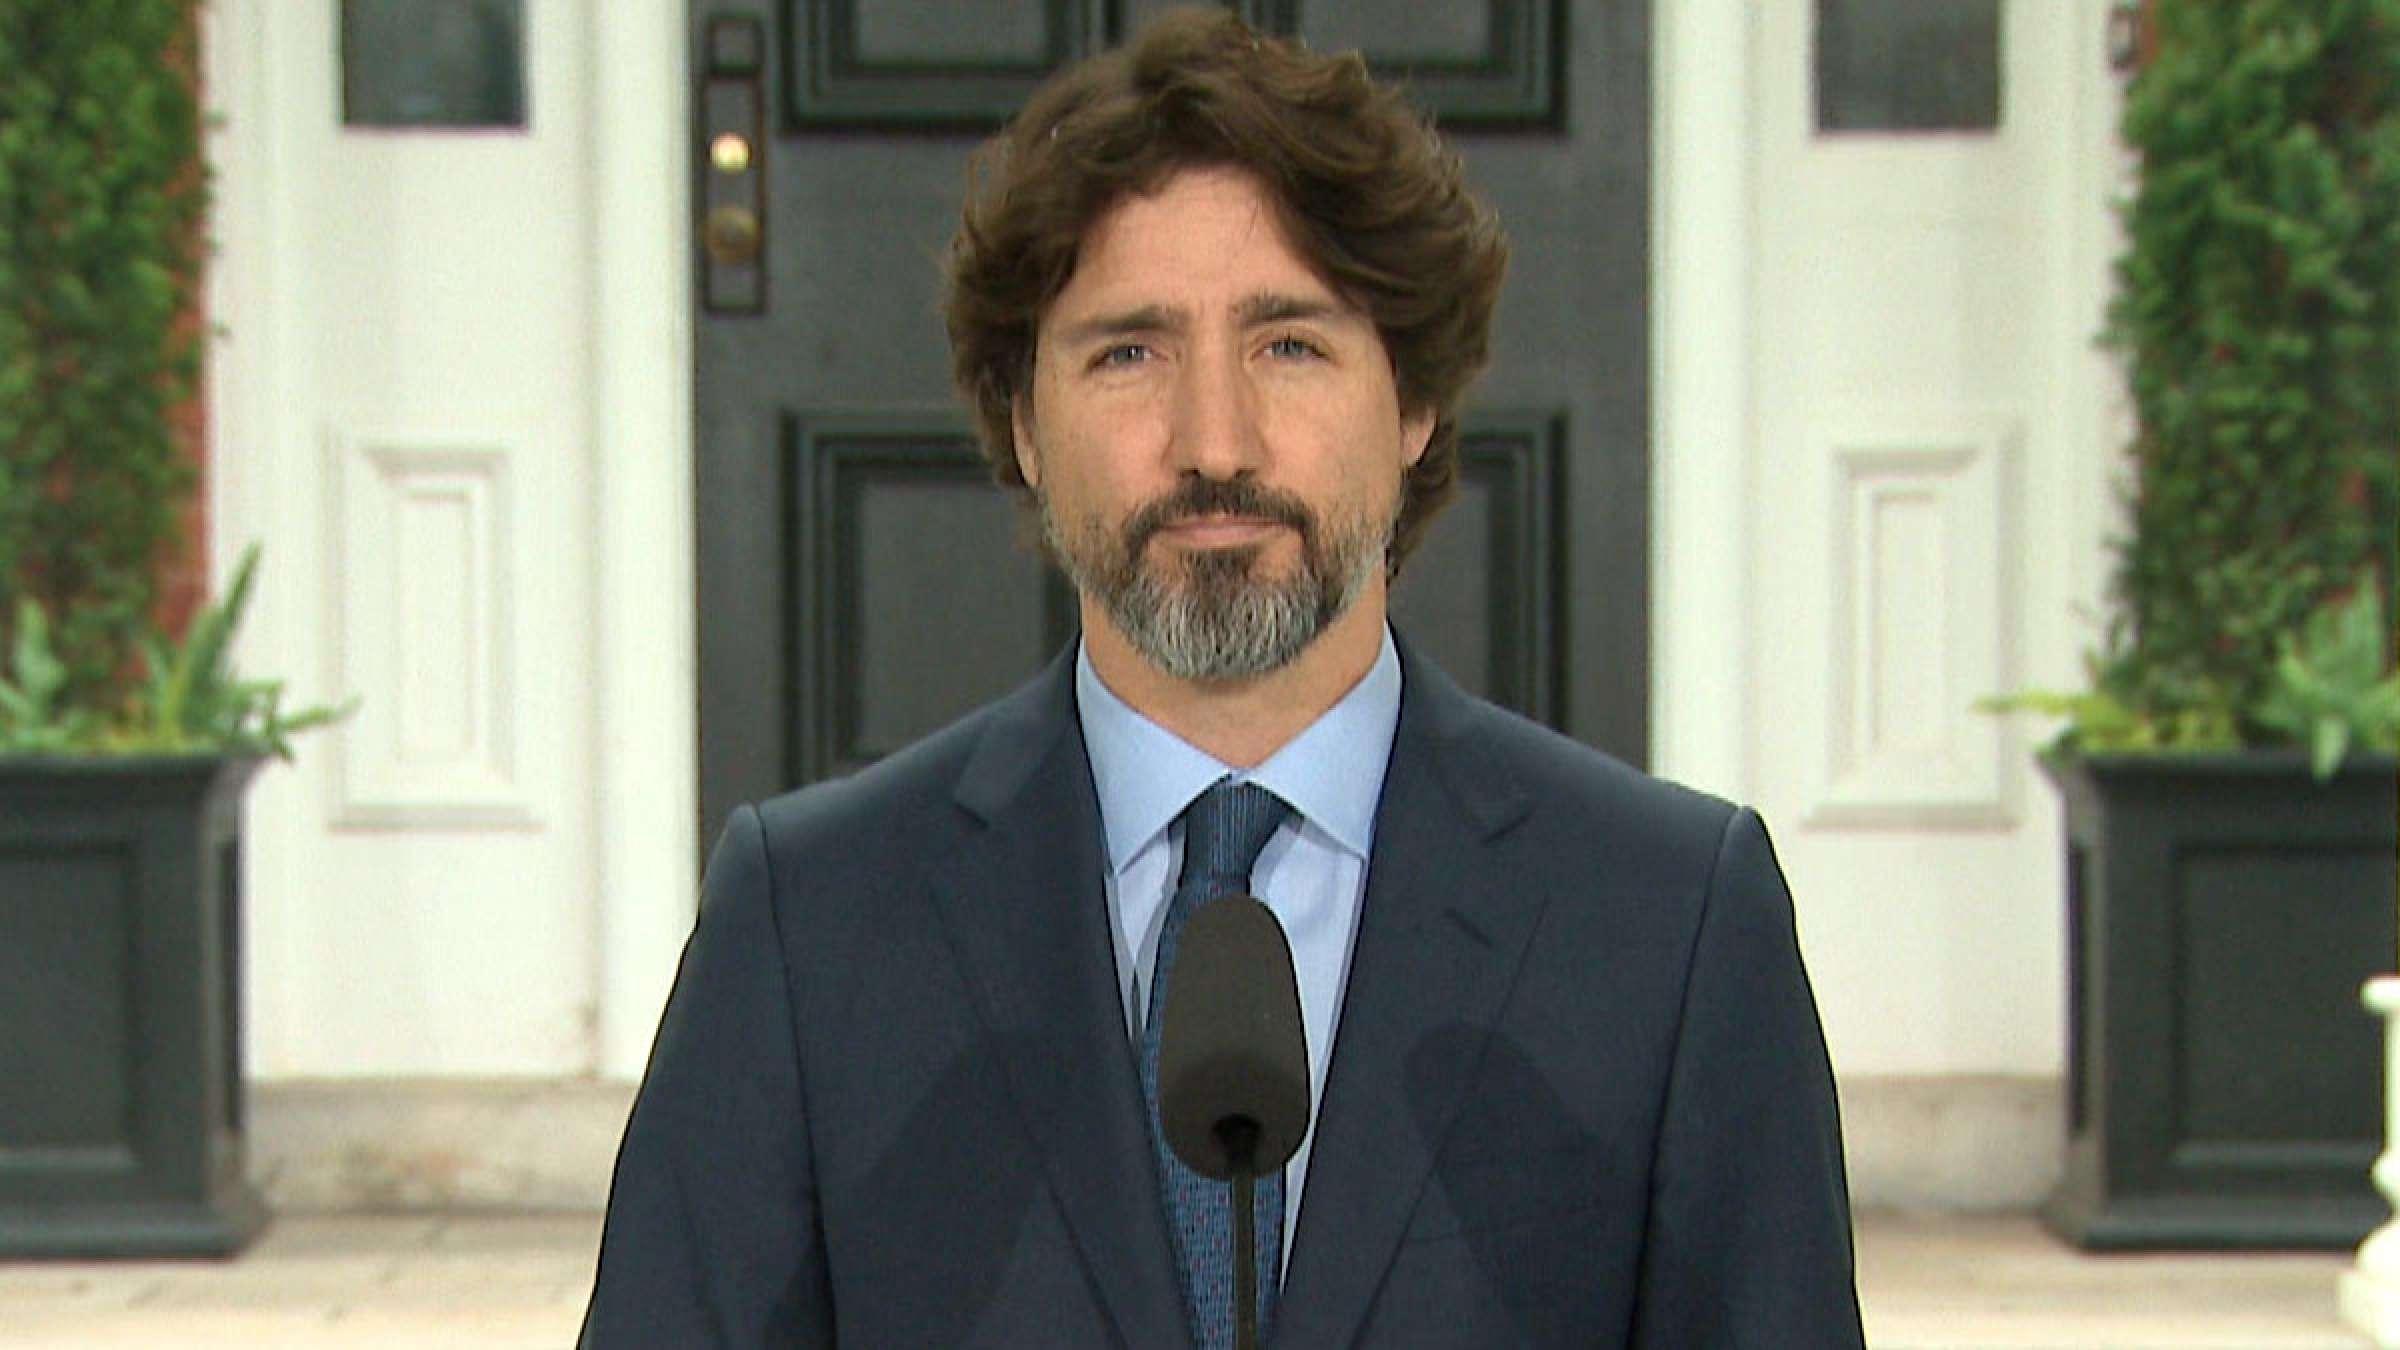 خبار-کانادا-مکث-۲۱-ثانیه-ای-ترودو-مقابل-سوال-استفاده-ترامپ-از-ارتش-علیه-مردم-و-واکنش-احزاب-کانادایی